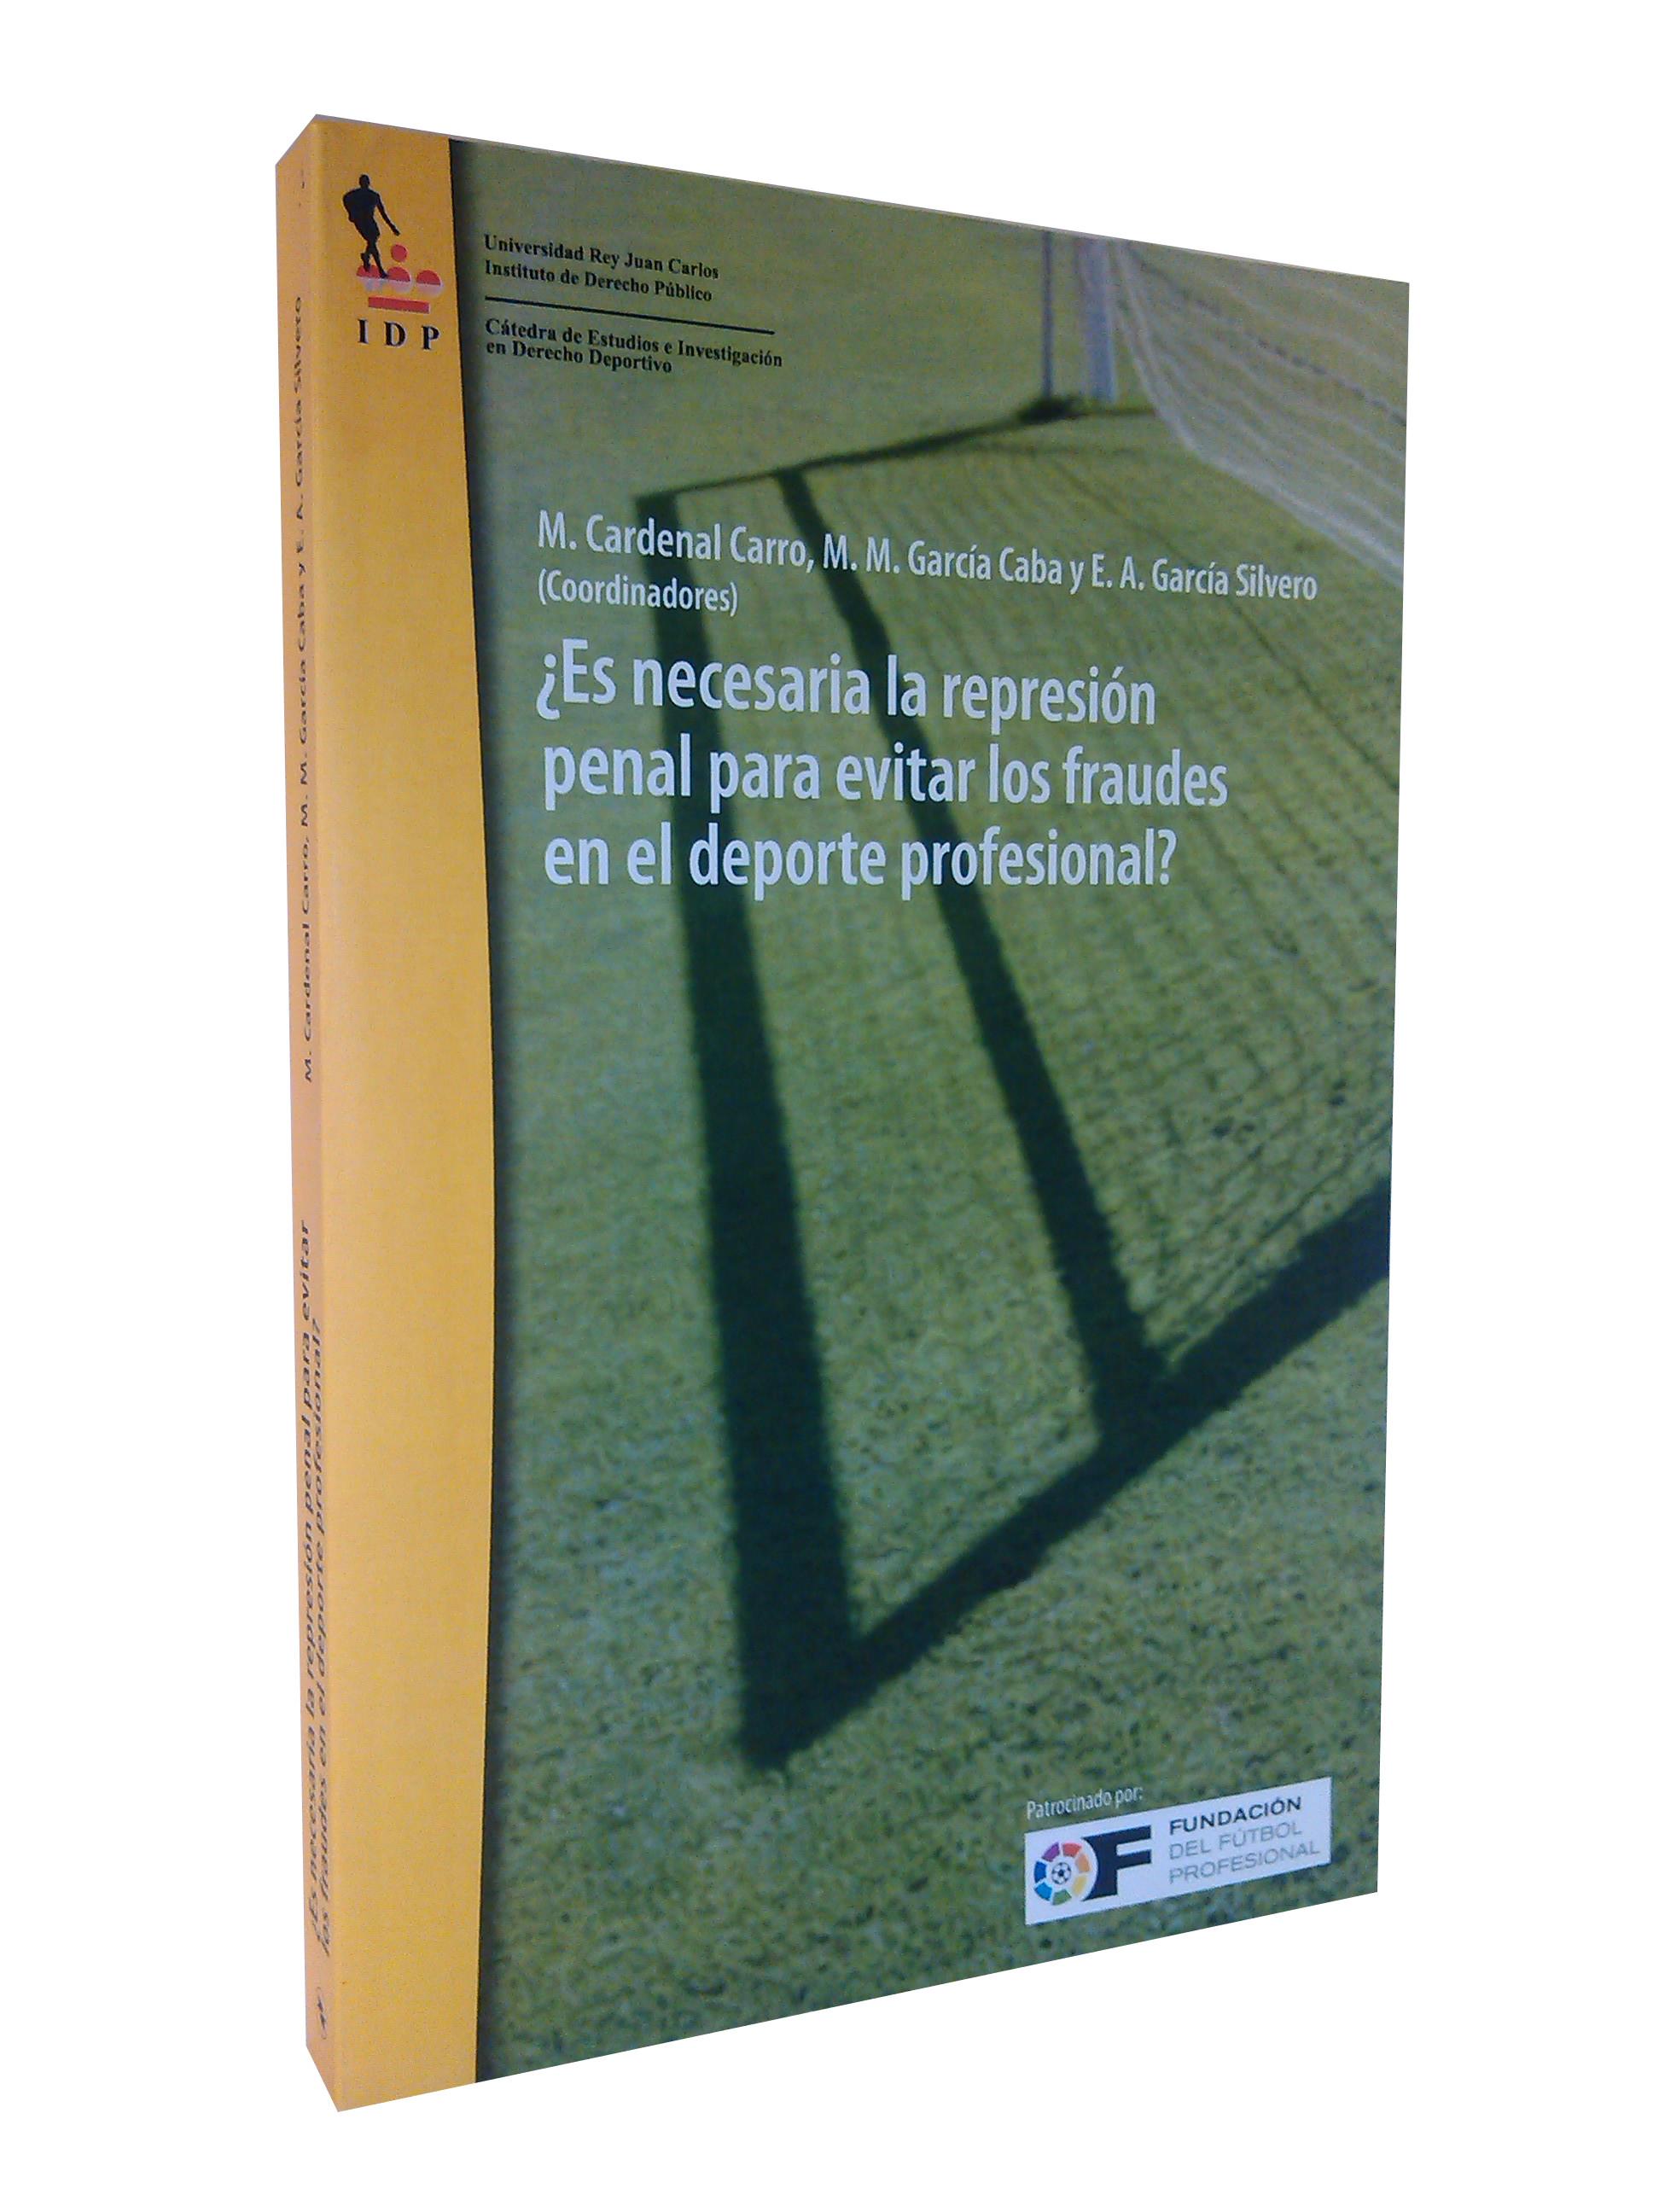 ¿Es necesaria la represión penal para evitar los fraudes en el deporte profesional?